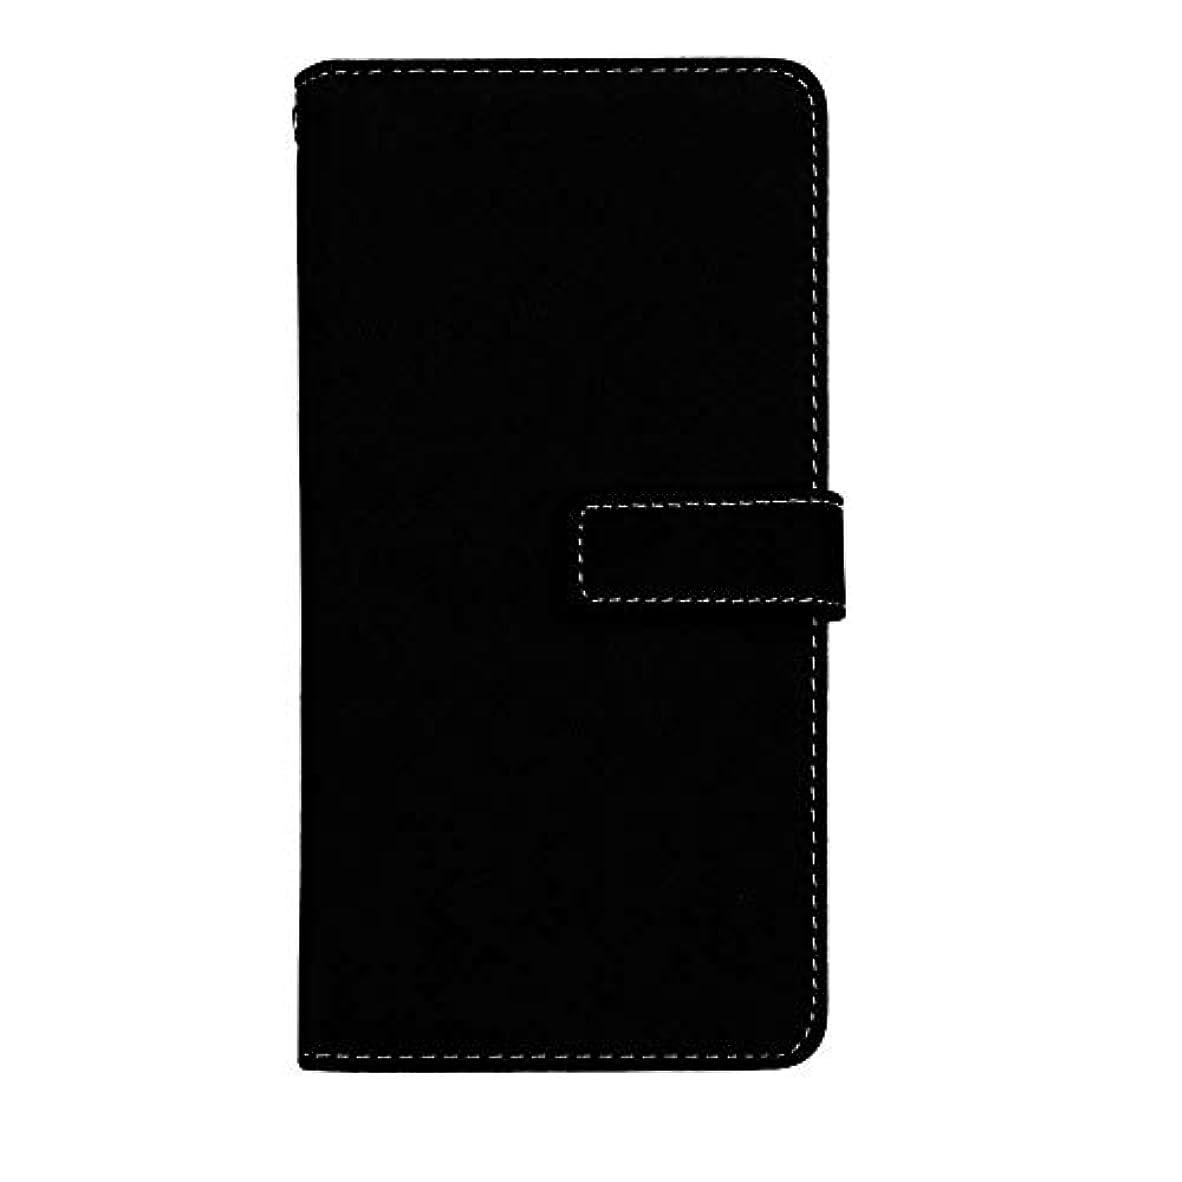 ご注意早熟抑制するXiaomi Redmi S2 高品質 マグネット ケース, CUNUS 携帯電話 ケース 軽量 柔軟 高品質 耐摩擦 カード収納 カバー Xiaomi Redmi S2 用, ブラック